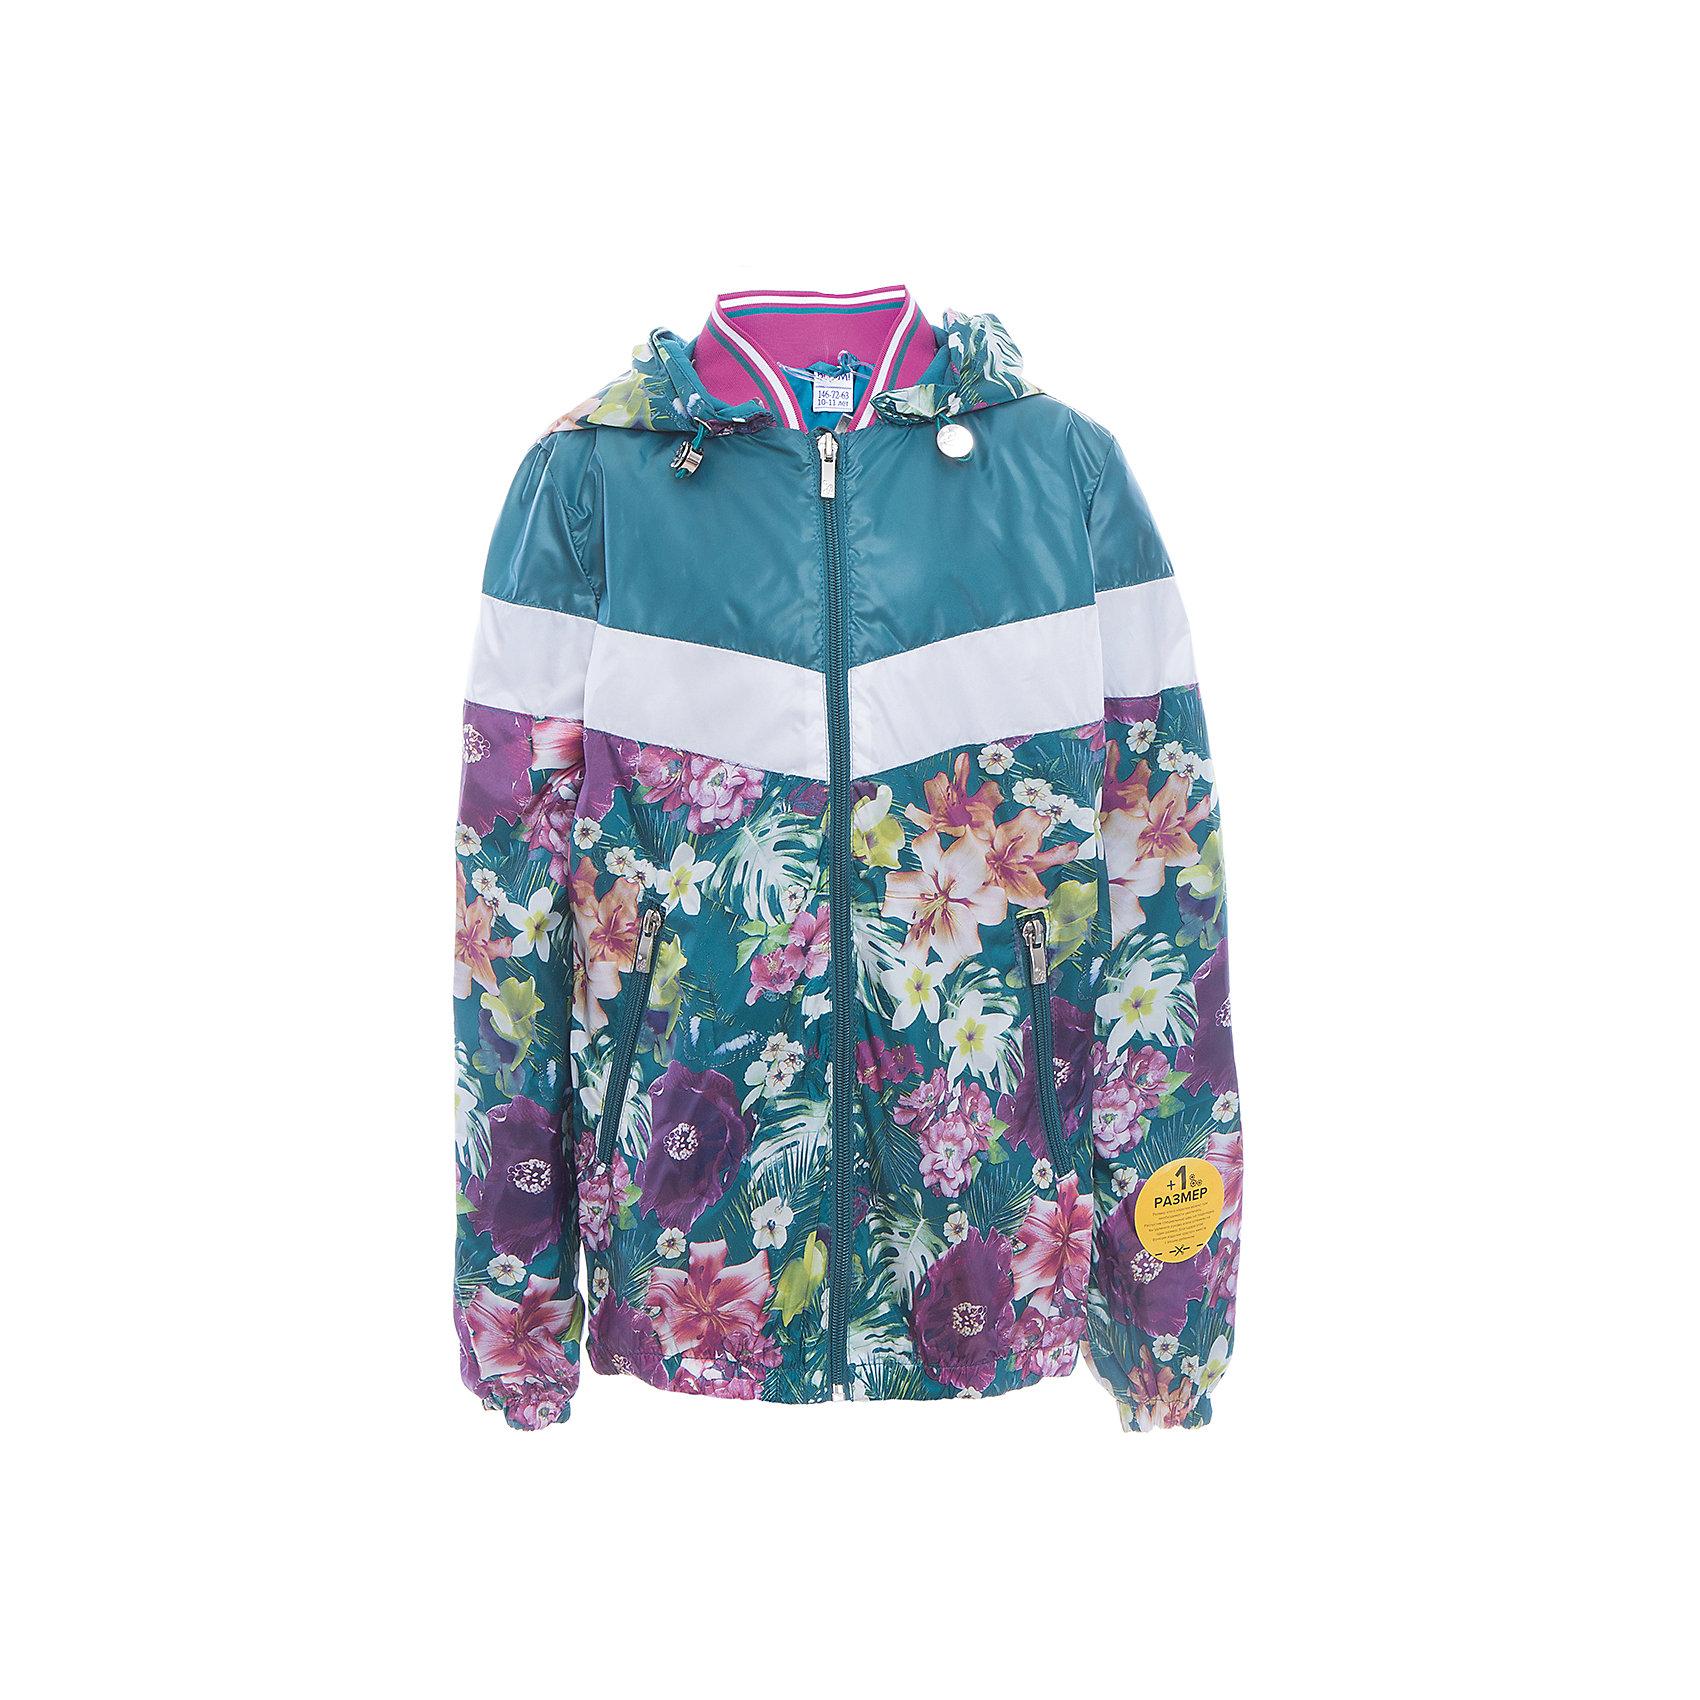 Куртка для девочки BOOM by OrbyХарактеристики товара:<br><br>• цвет: синий принт<br>• состав: верх - таффета, подкладка - поликоттон, полиэстер, без утеплителя<br>• карманы<br>• застежка - молния<br>• капюшон с утяжкой<br>• украшена принтом<br>• эластичные манжеты<br>• комфортная посадка<br>• страна производства: Российская Федерация<br>• страна бренда: Российская Федерация<br>• коллекция: весна-лето 2017<br><br>Легкая куртка - универсальный вариант и для прохладного летнего вечера, и для теплого межсезонья. Эта модель - модная и удобная одновременно! Изделие отличается стильным ярким дизайном. Куртка хорошо сидит по фигуре, отлично сочетается с различным низом. Вещь была разработана специально для детей.<br><br>Куртку для девочки от бренда BOOM by Orby можно купить в нашем интернет-магазине.<br><br>Ширина мм: 356<br>Глубина мм: 10<br>Высота мм: 245<br>Вес г: 519<br>Цвет: голубой<br>Возраст от месяцев: 144<br>Возраст до месяцев: 156<br>Пол: Женский<br>Возраст: Детский<br>Размер: 158,152,110,116,122,128,134,140,146<br>SKU: 5343067